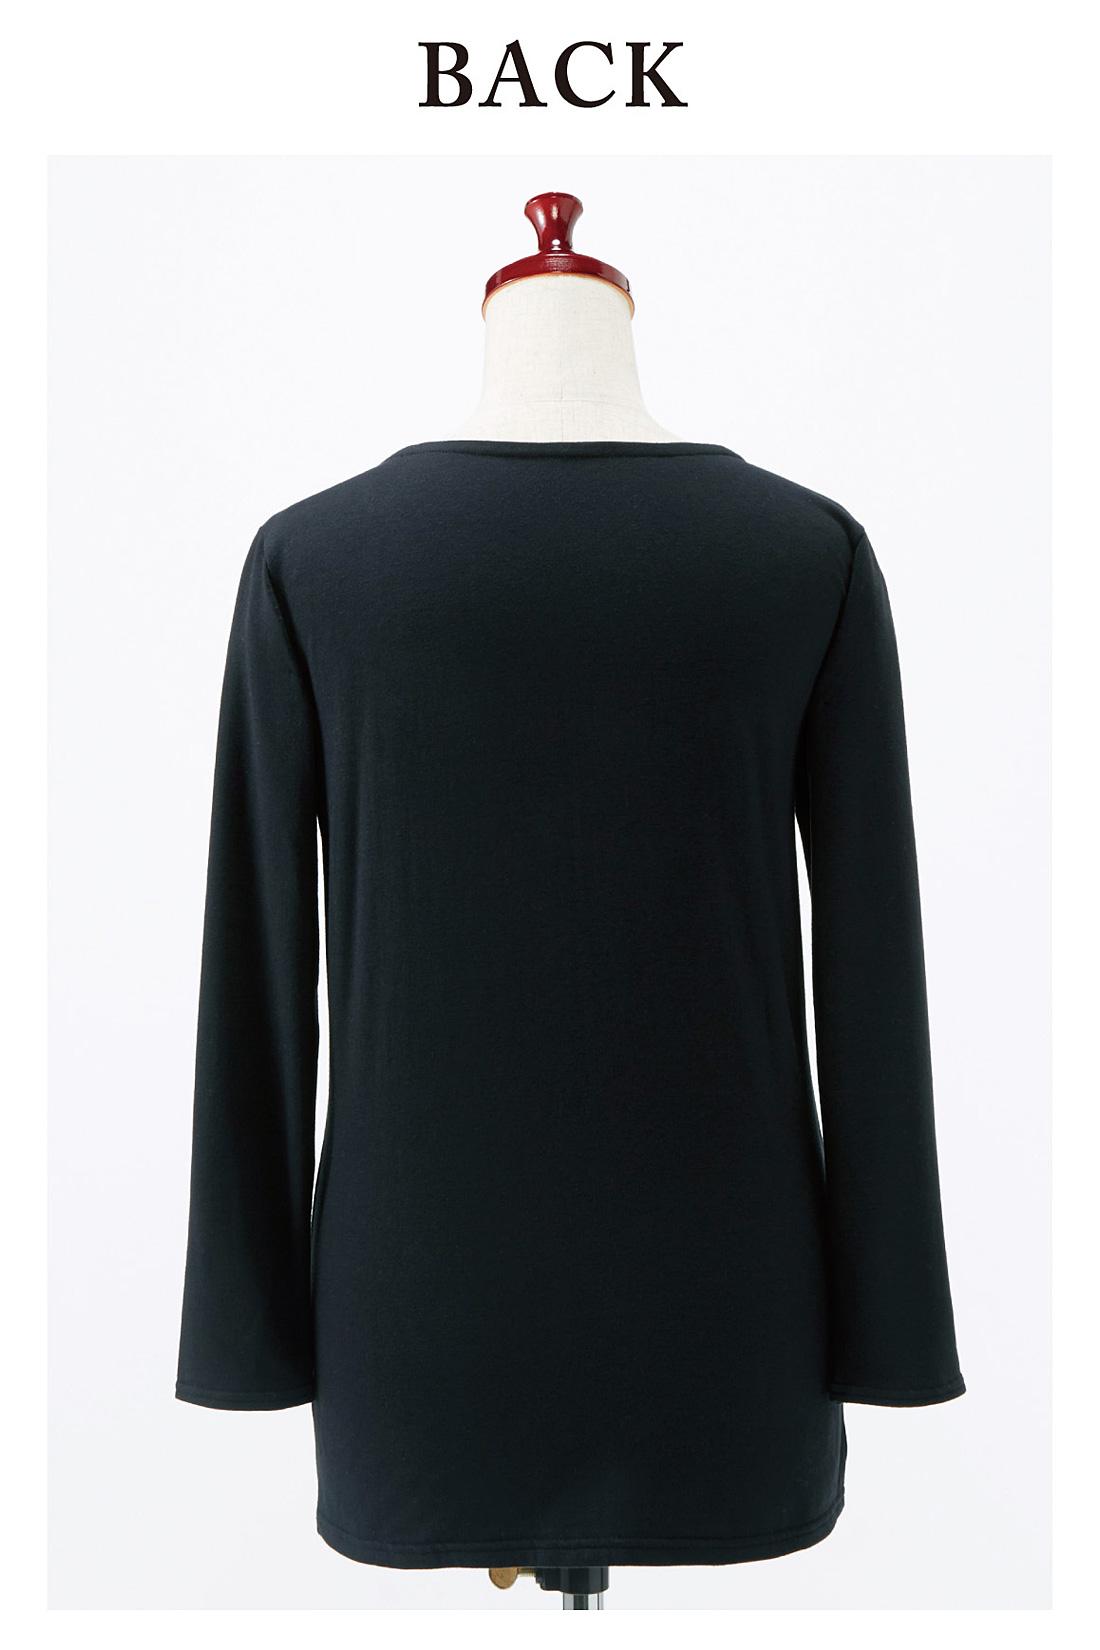 これは参考画像です。Back バックスタイルもシンプルにすっきり。長すぎず短すぎない八分袖。